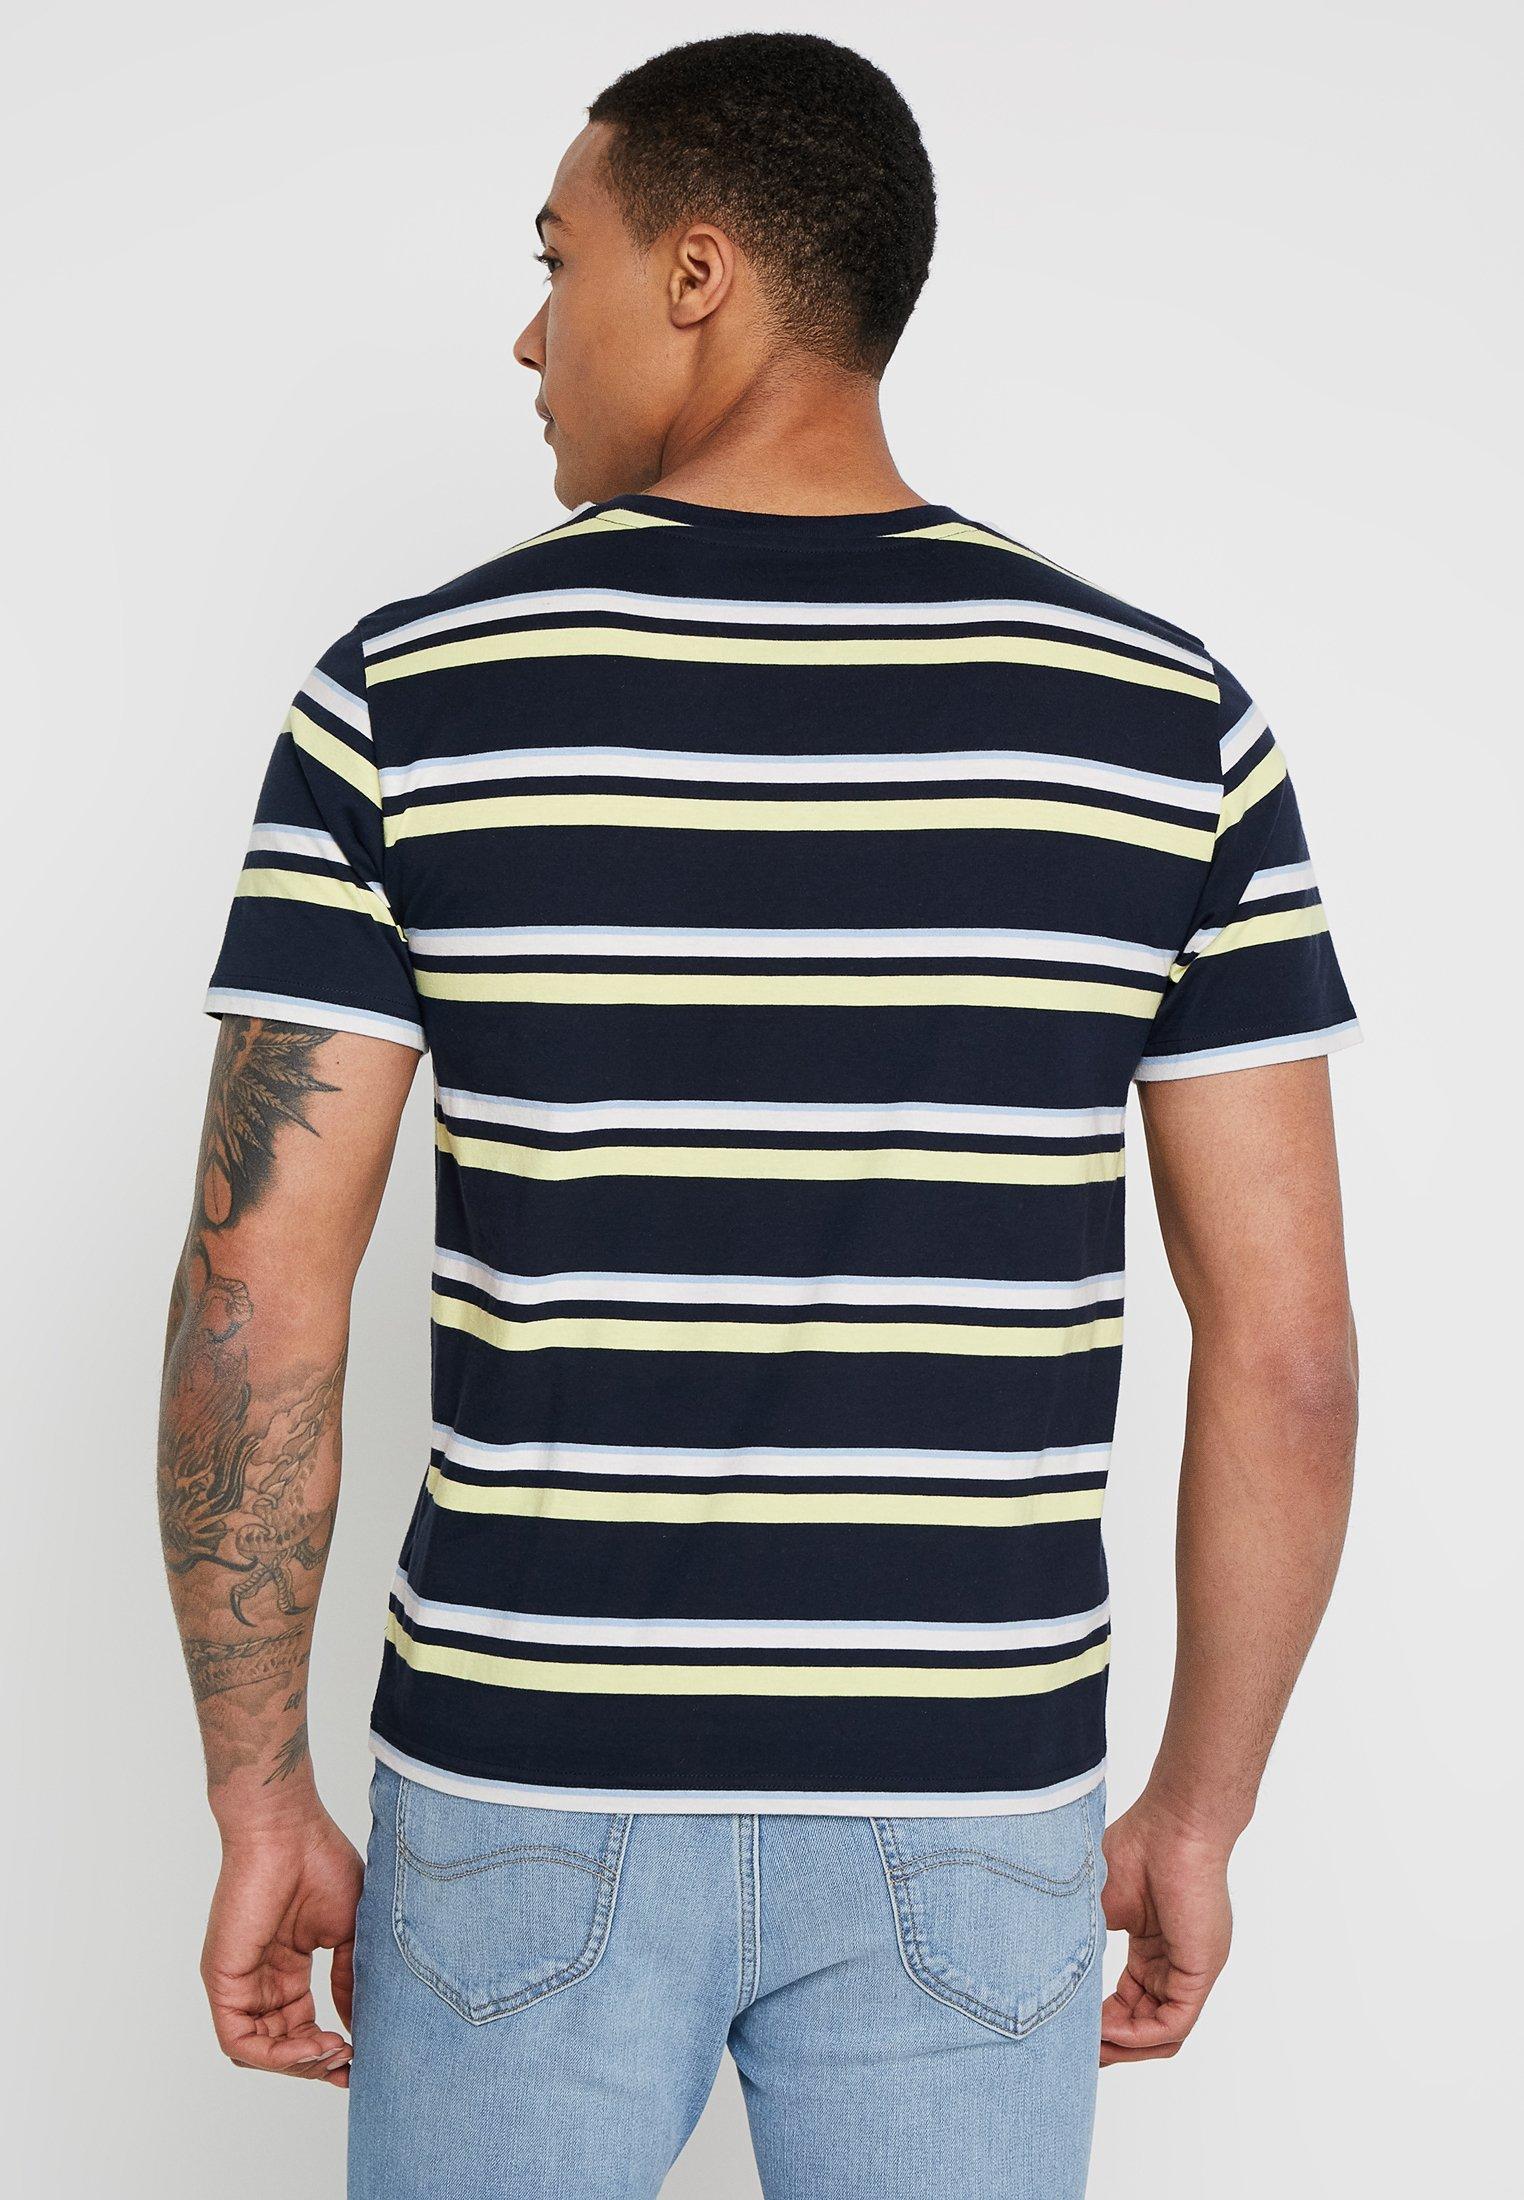 StripesT shirt Imprimé Lee Sky Captain doCxeWrQBE